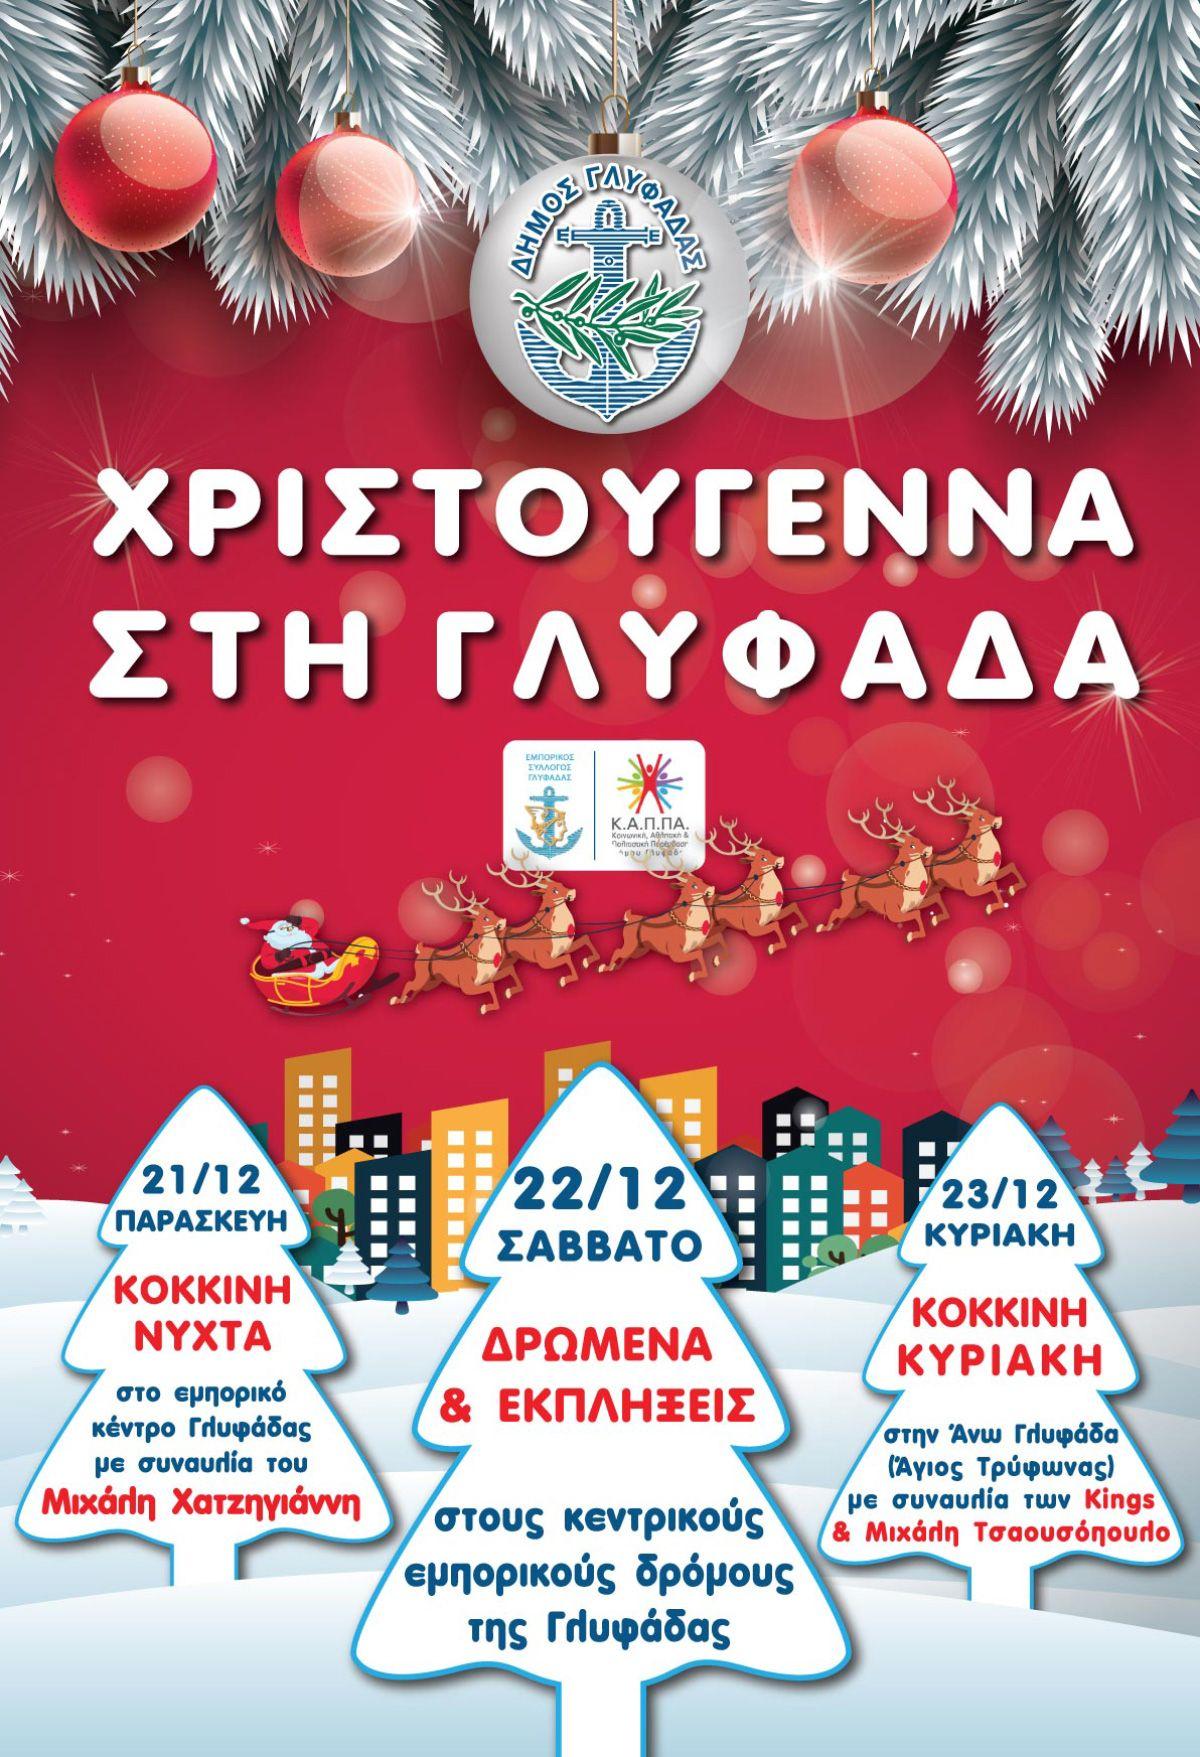 Γλυφάδα: Ανακοινώθηκε το πρόγραμμα του πιο εορταστικού τριημέρου από 21 -24 Δεκεμβρίου